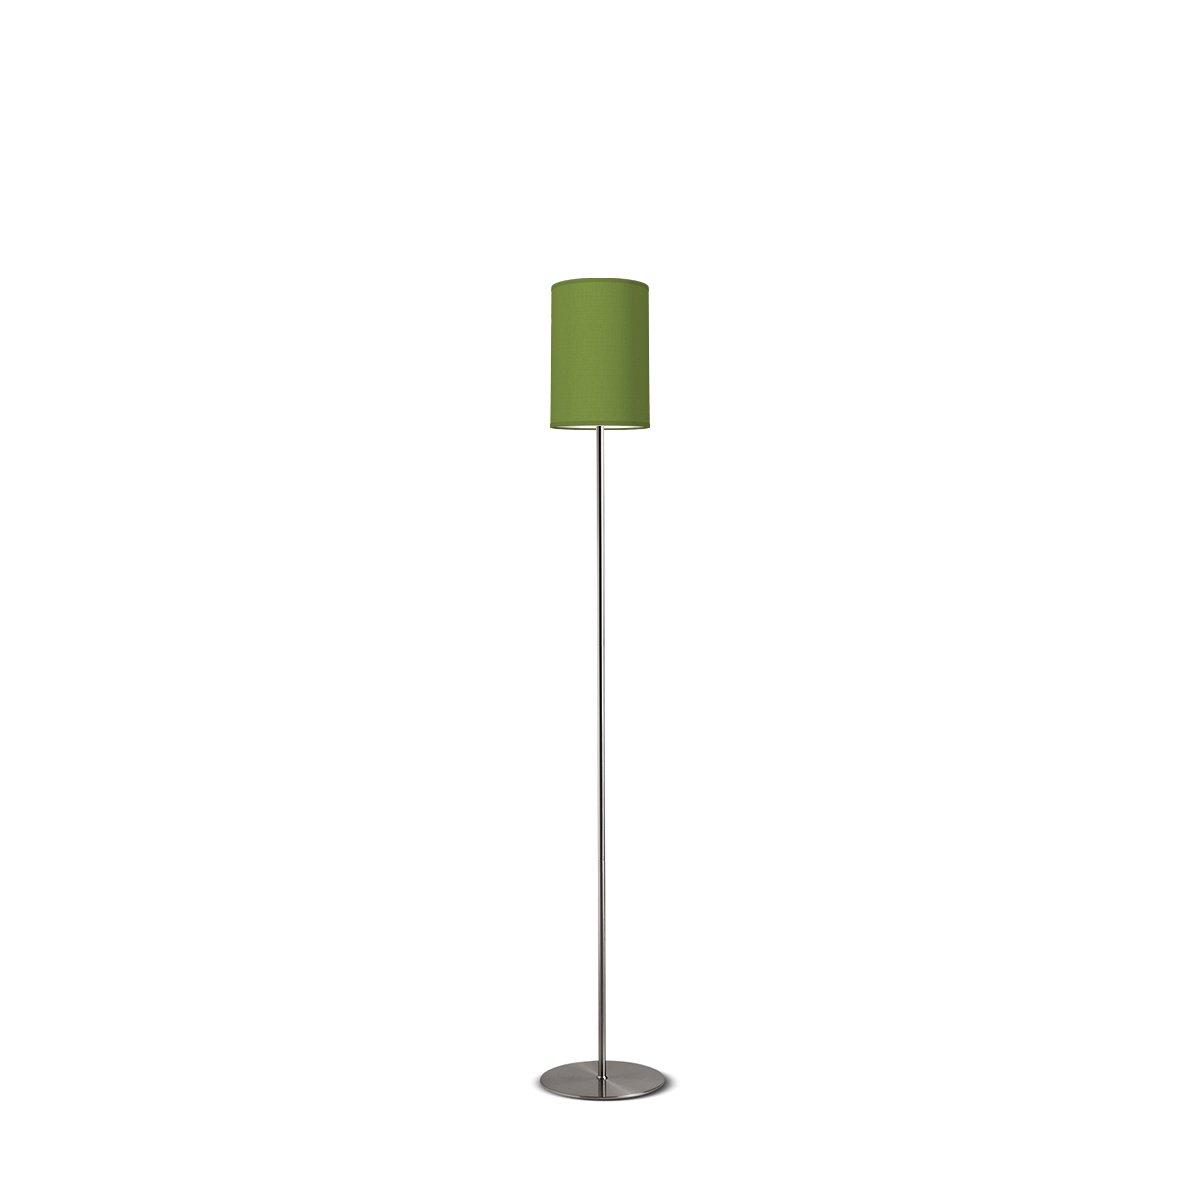 vloerlamp Lift tube 20 - groen